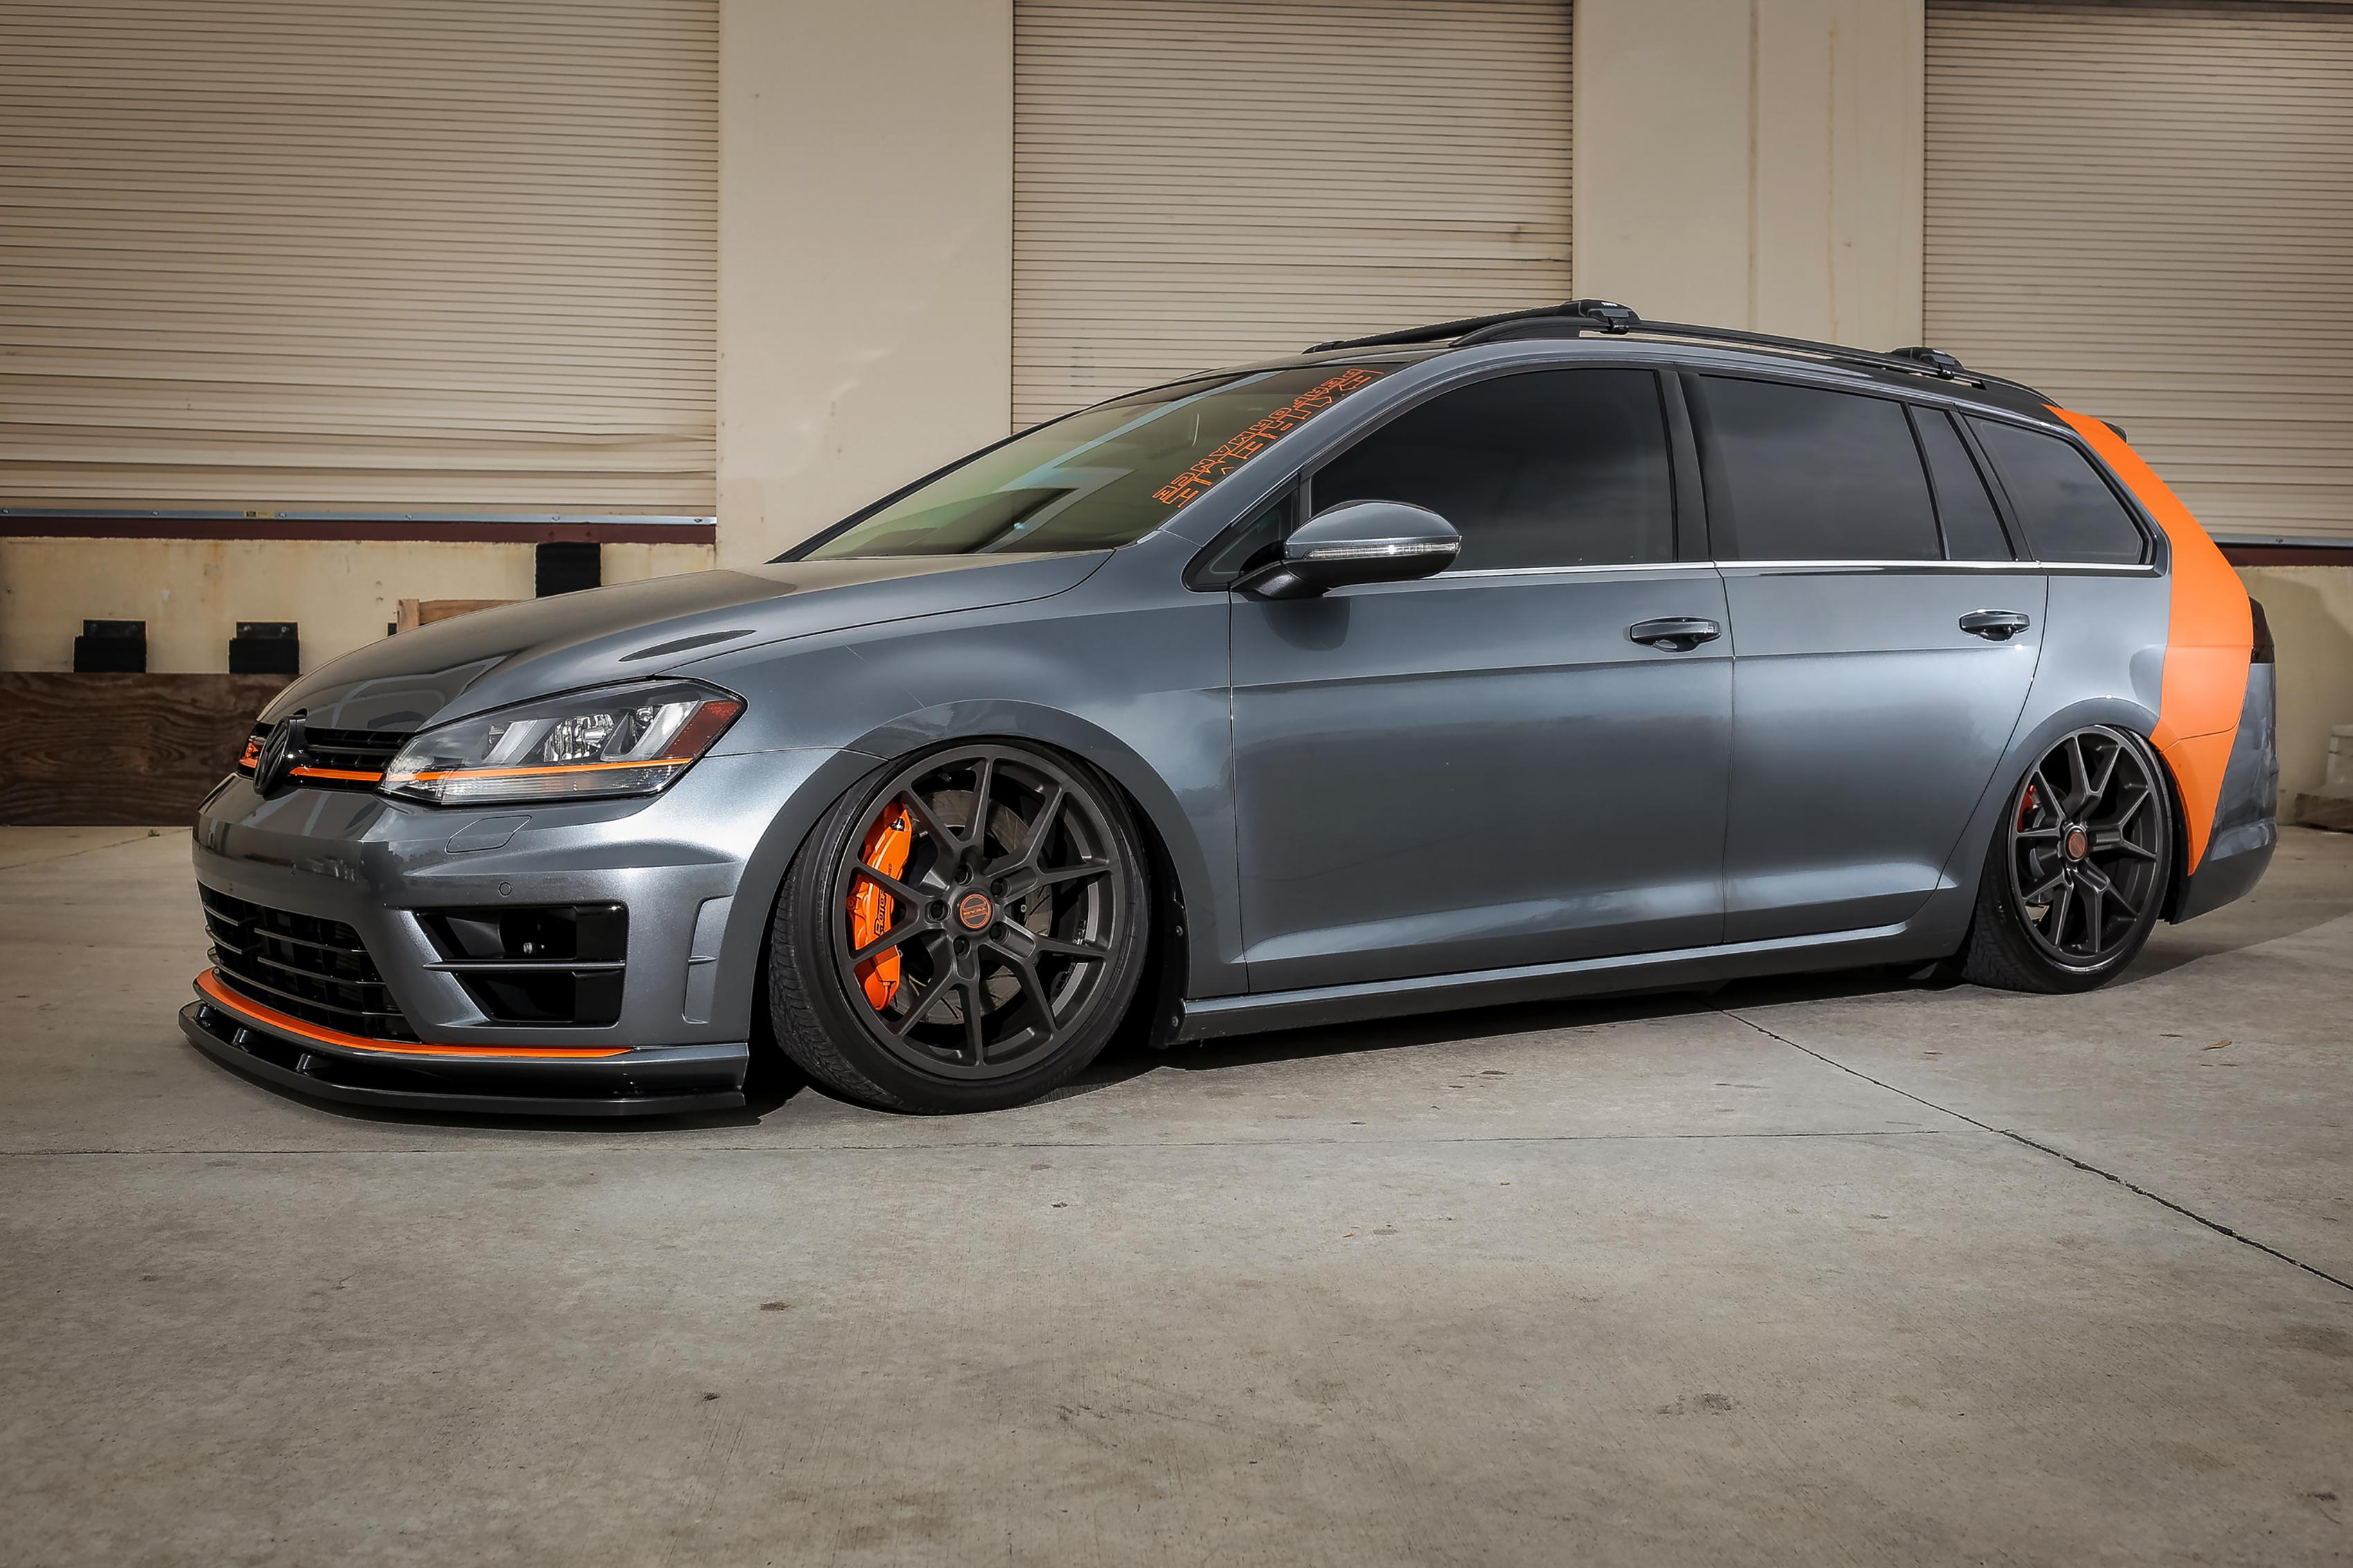 Grey VW